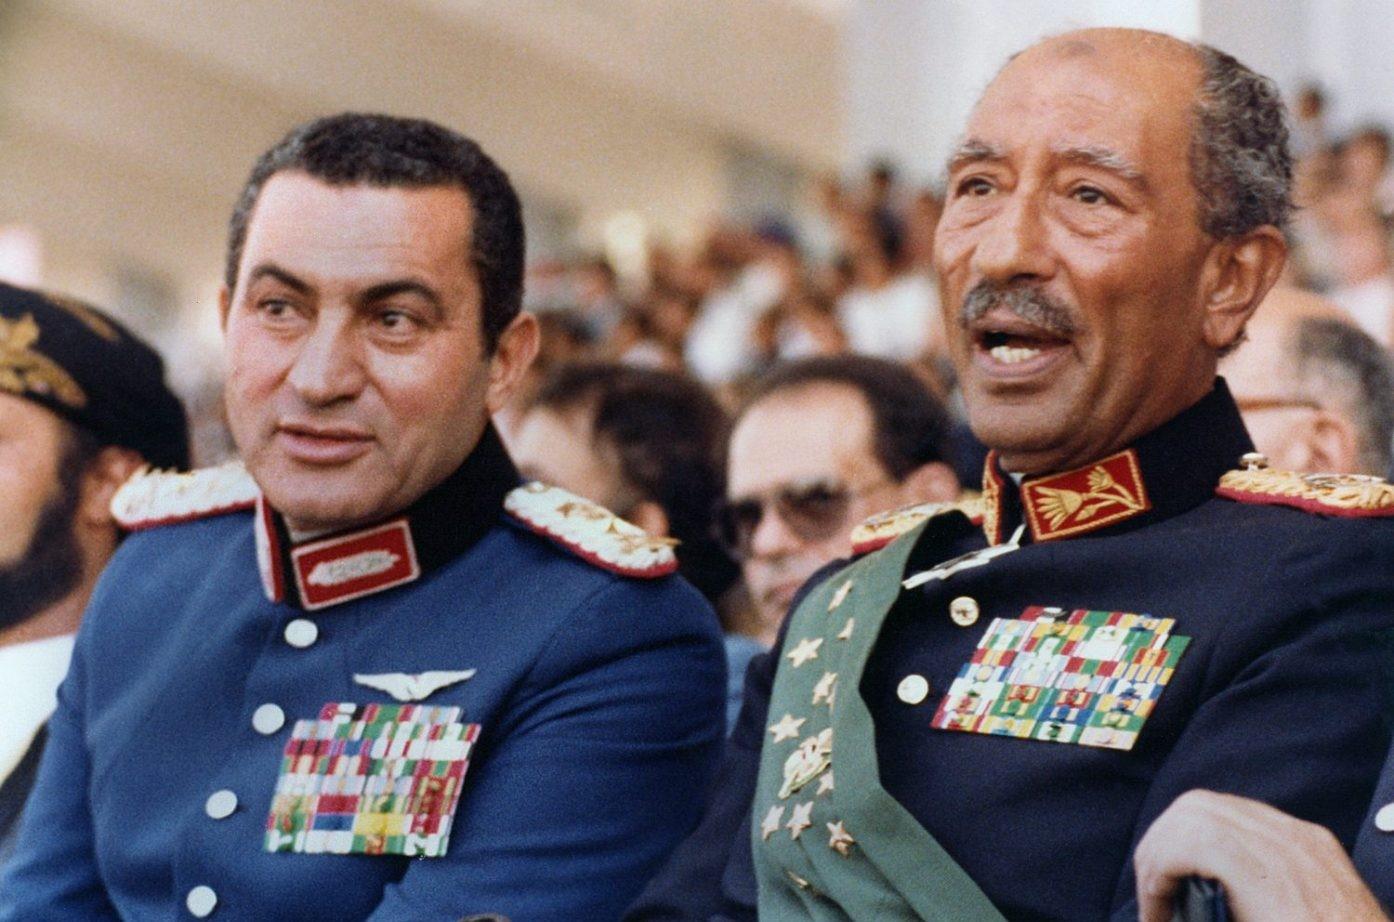 الرئيس الراحل انور السادات - الرئيس محمد حسني مبارك